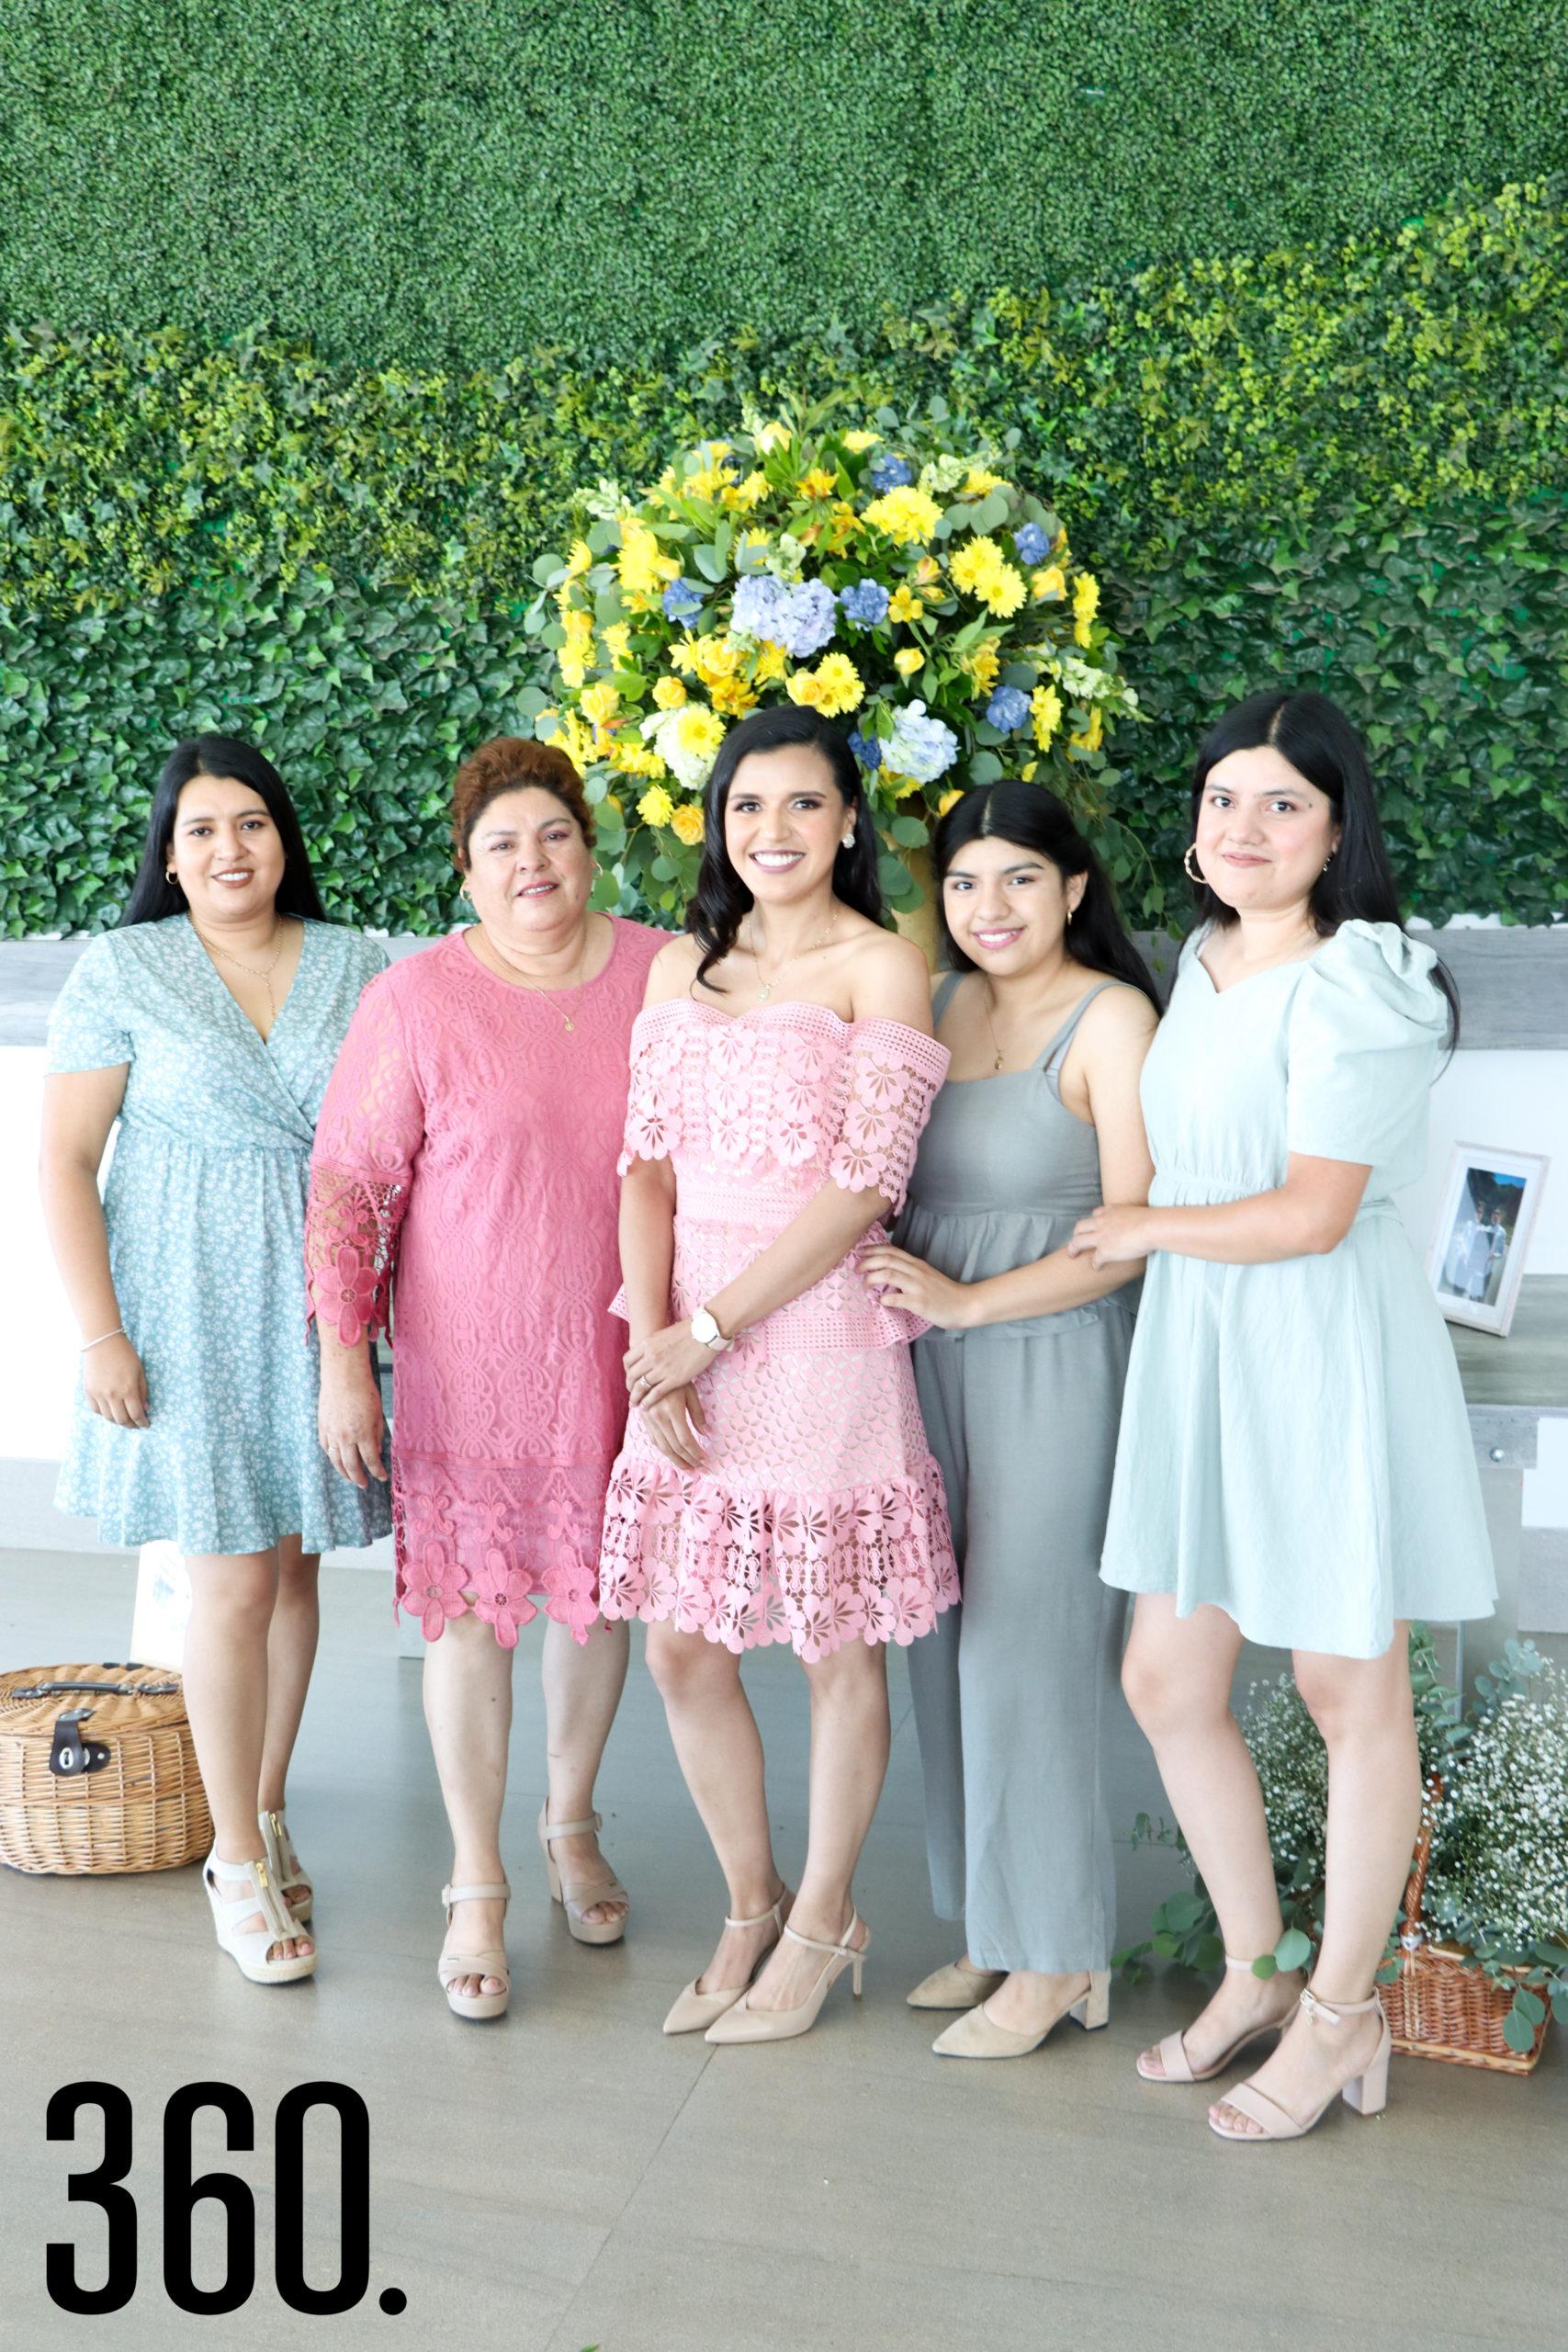 Sheila con su madre y hermanas, Karla Mendoza, Justina Orozco, Stefany y Valeria Mendoza.